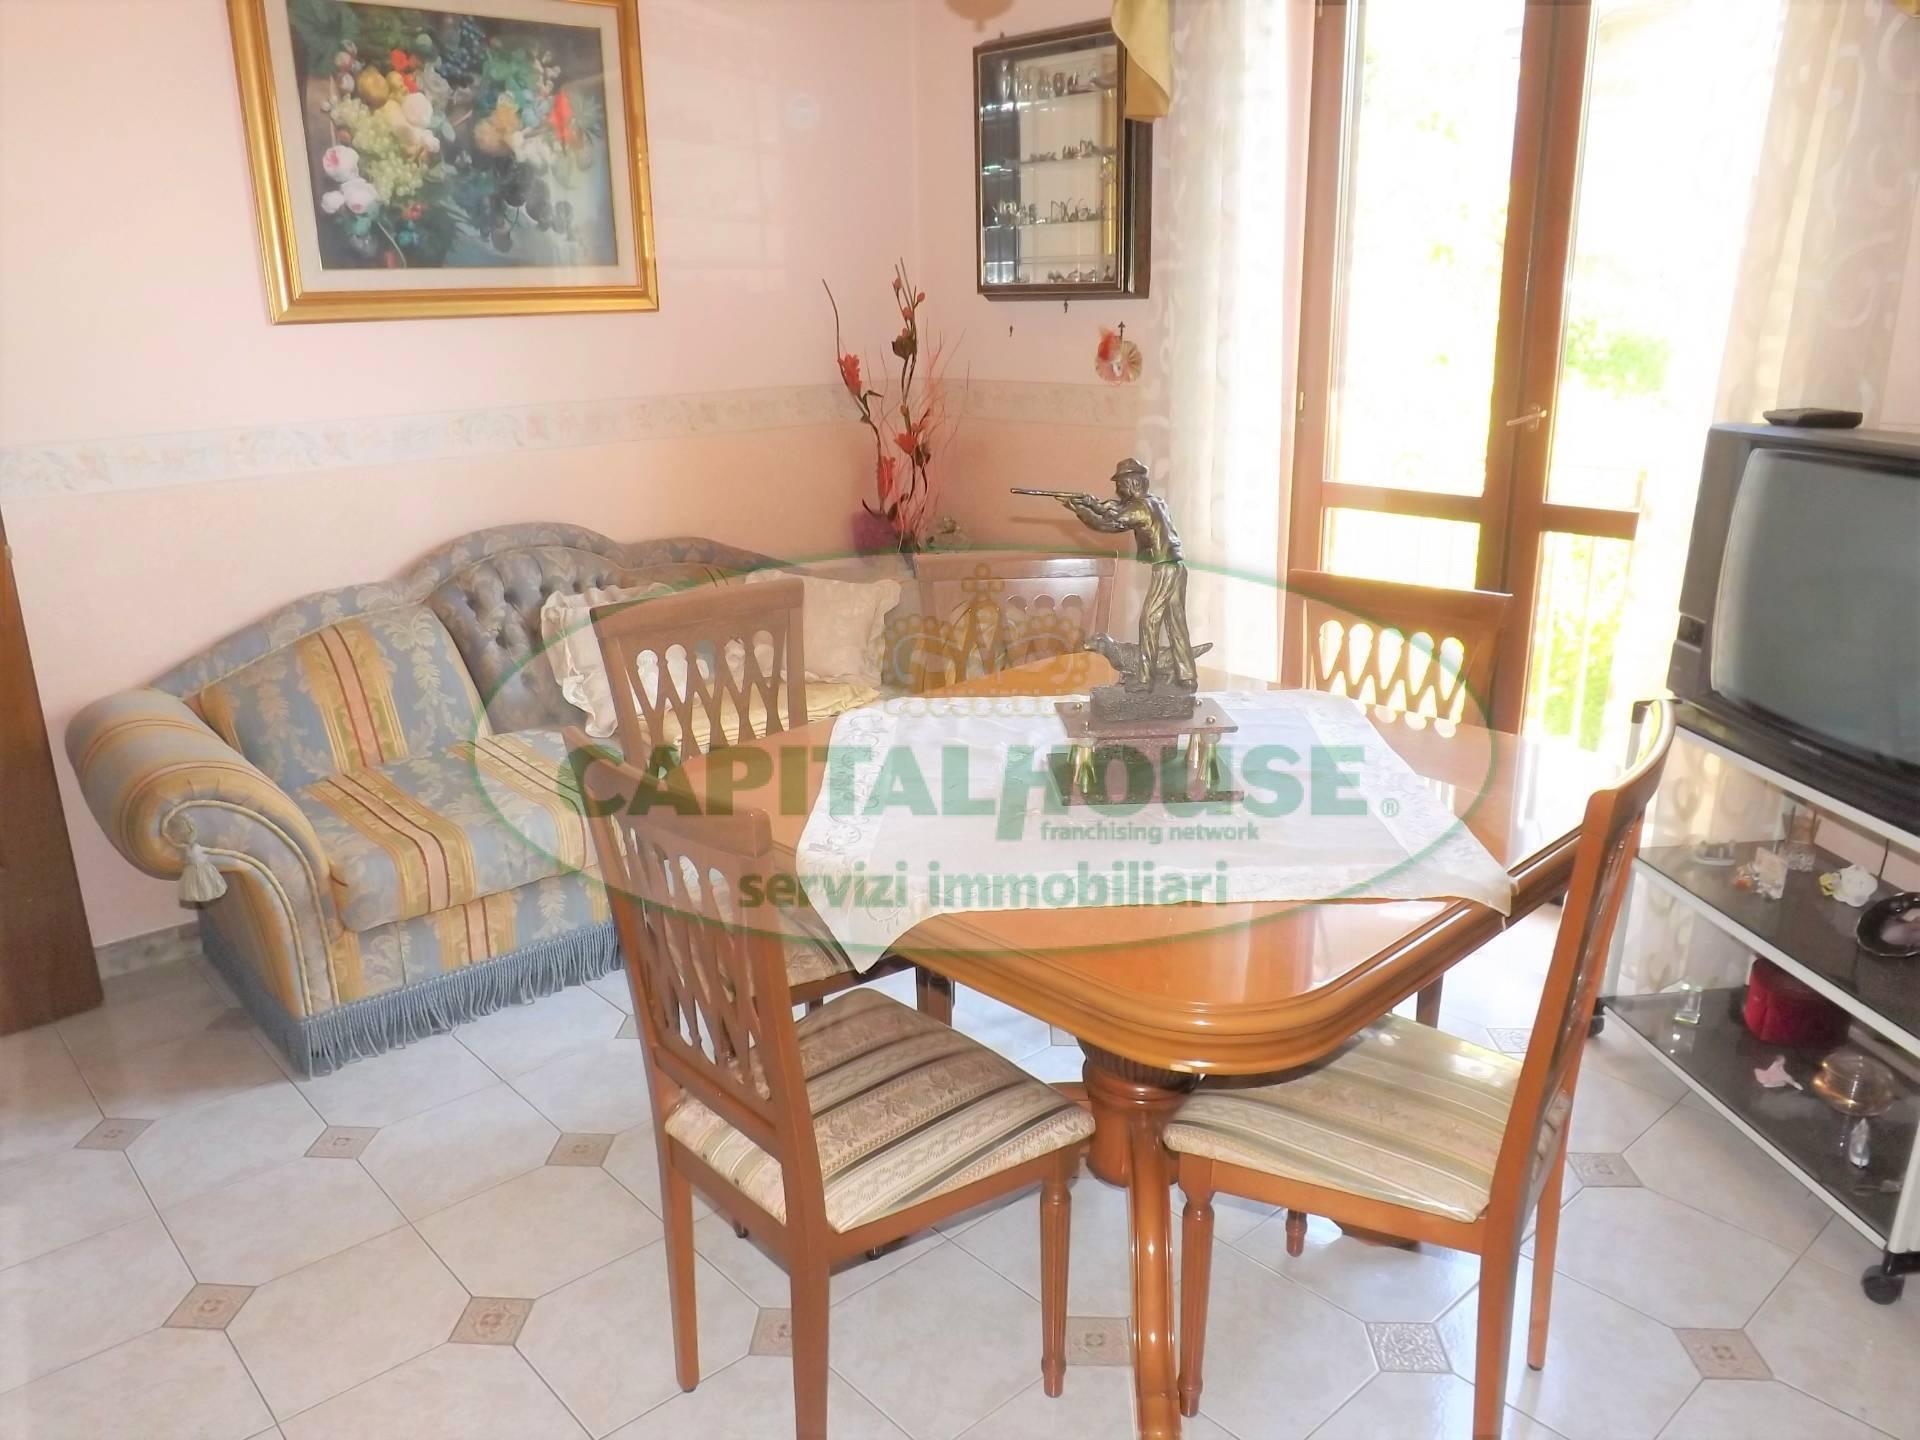 Appartamento in vendita a Atripalda, 2 locali, prezzo € 55.000 | CambioCasa.it